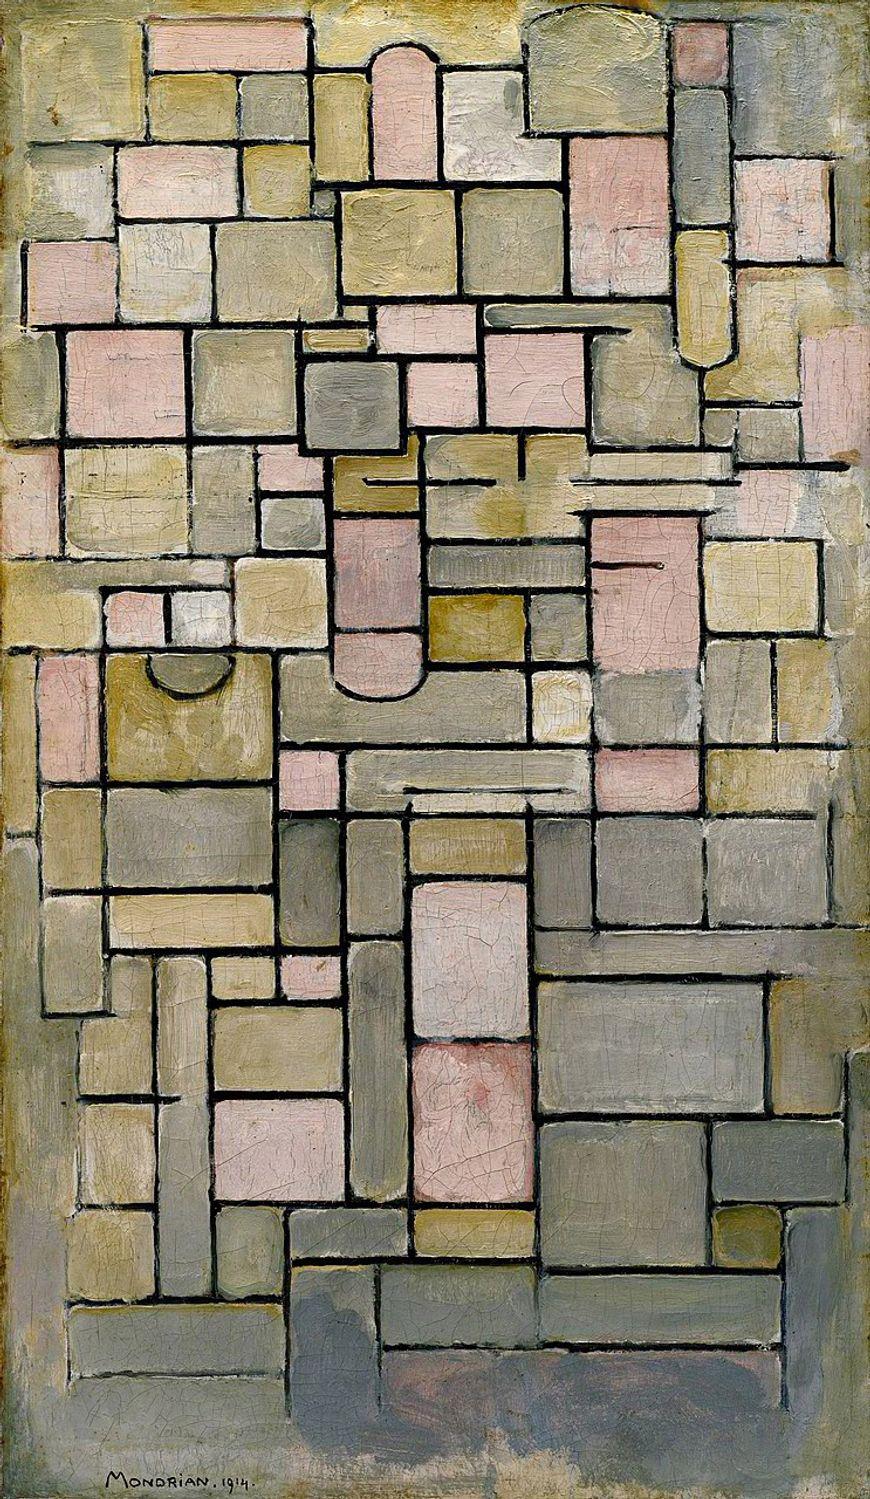 ピエトモンドリアン、コンポジション8、1914年。キャンバスに油彩、37 1/4 x 22(94.6 x 55.9)